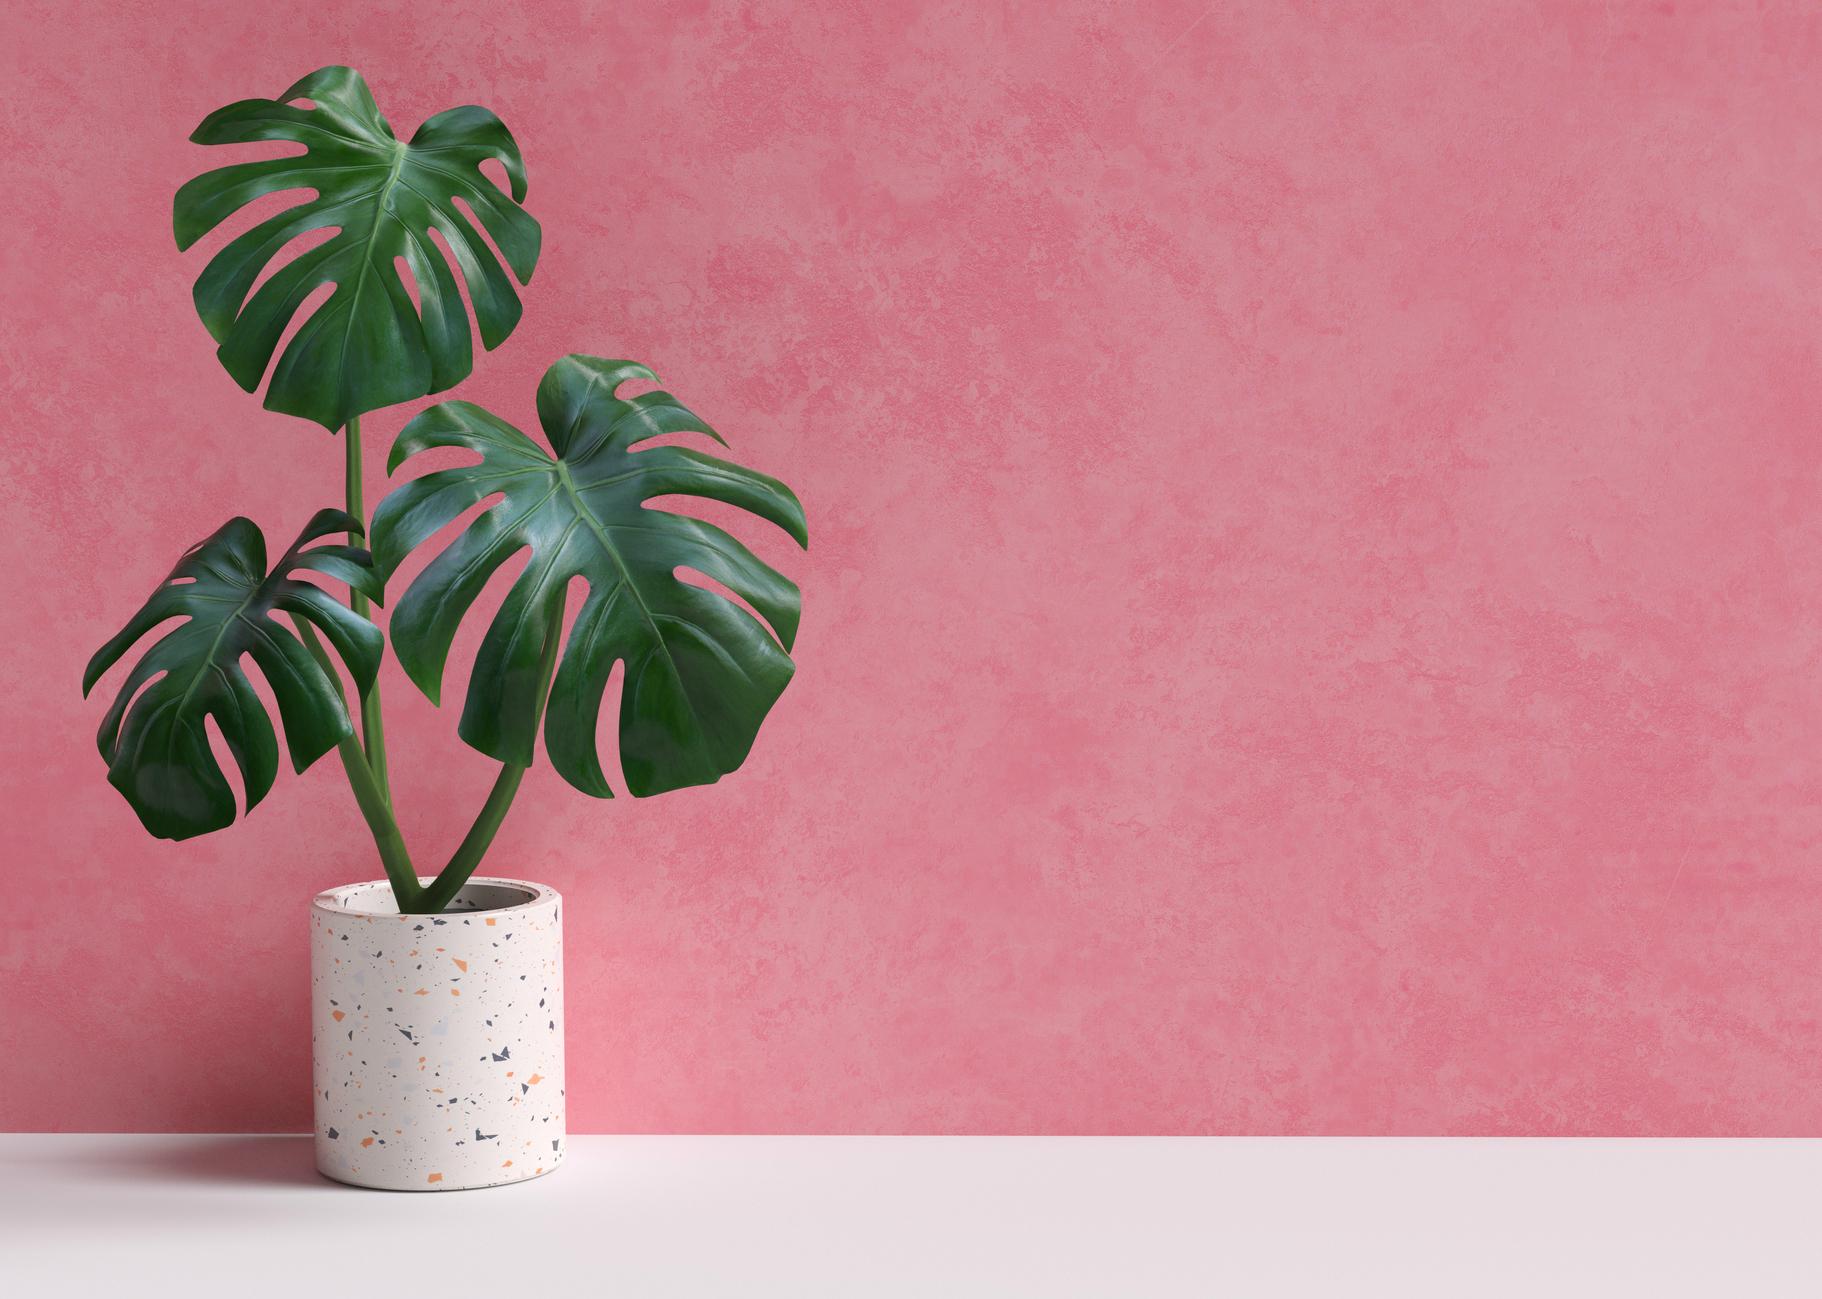 Costela-de-adão é uma das plantas mais trendy do momento. Os cuidados a ter quando a cultivar